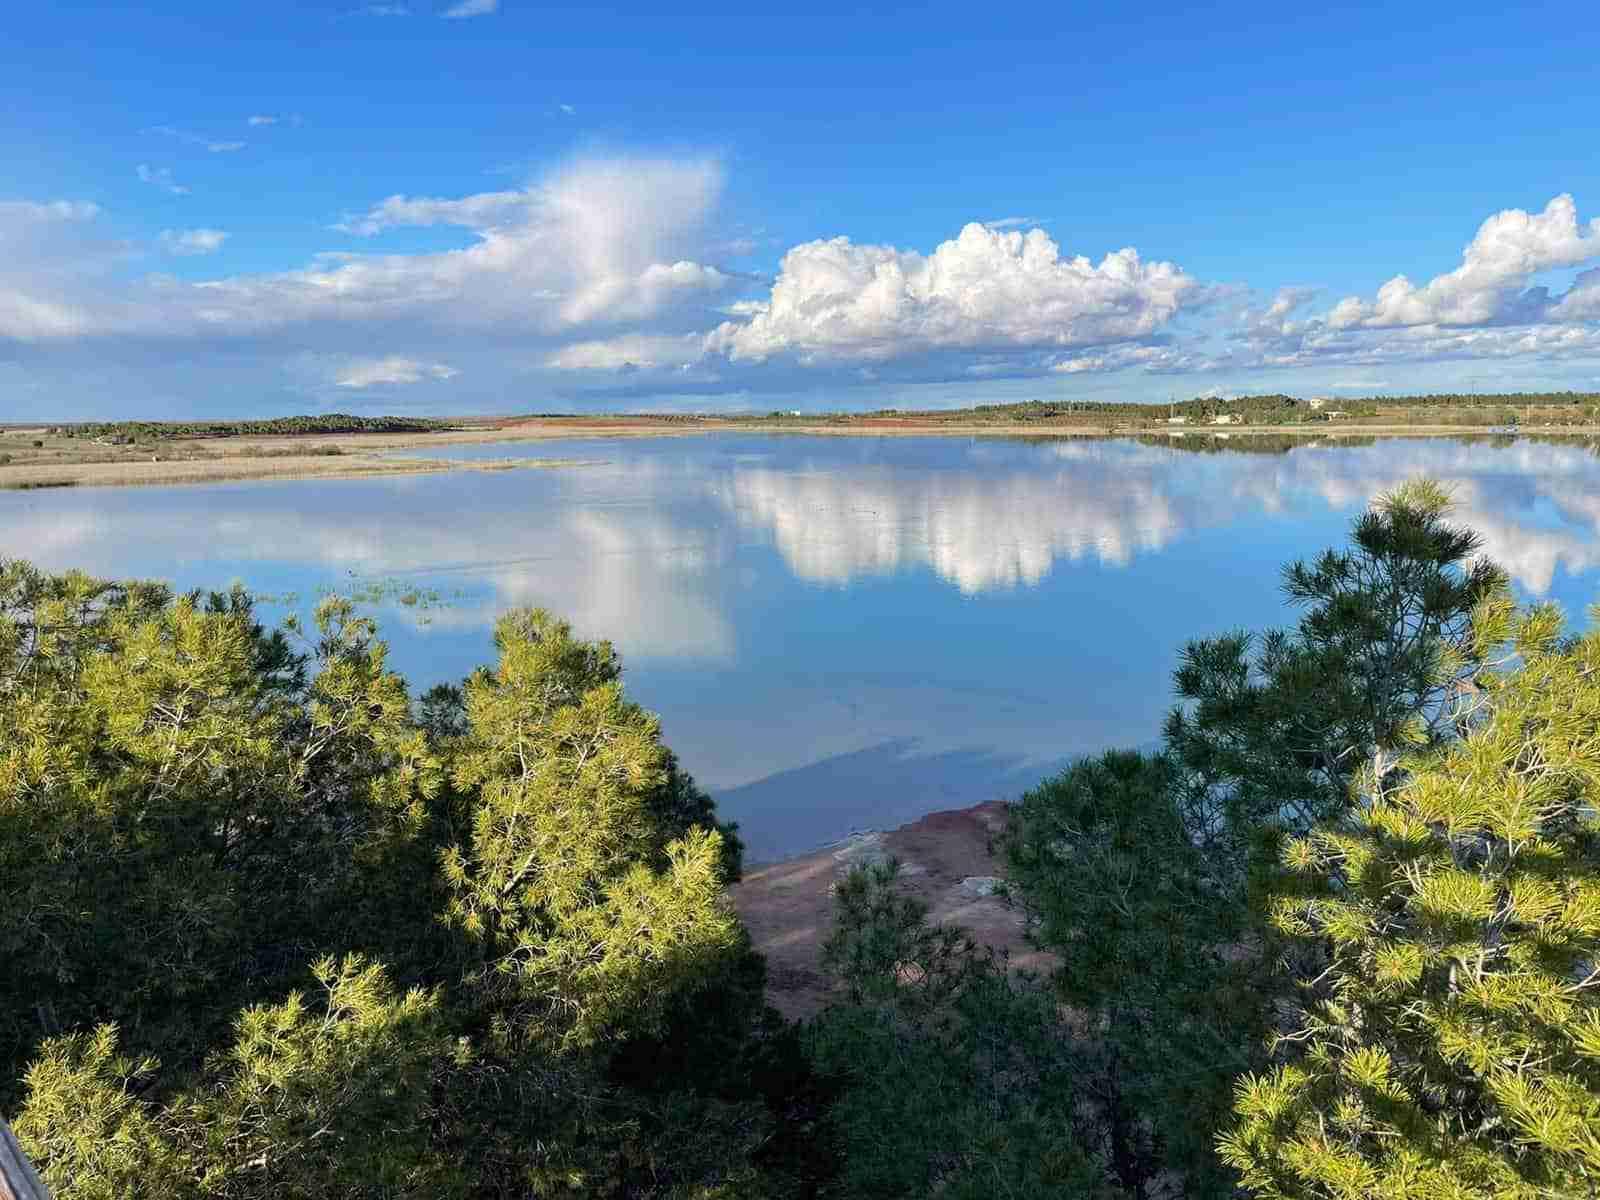 Un centenar de personas participarán en las jornadas de senderismo para defender las Lagunas de Villafranca 3